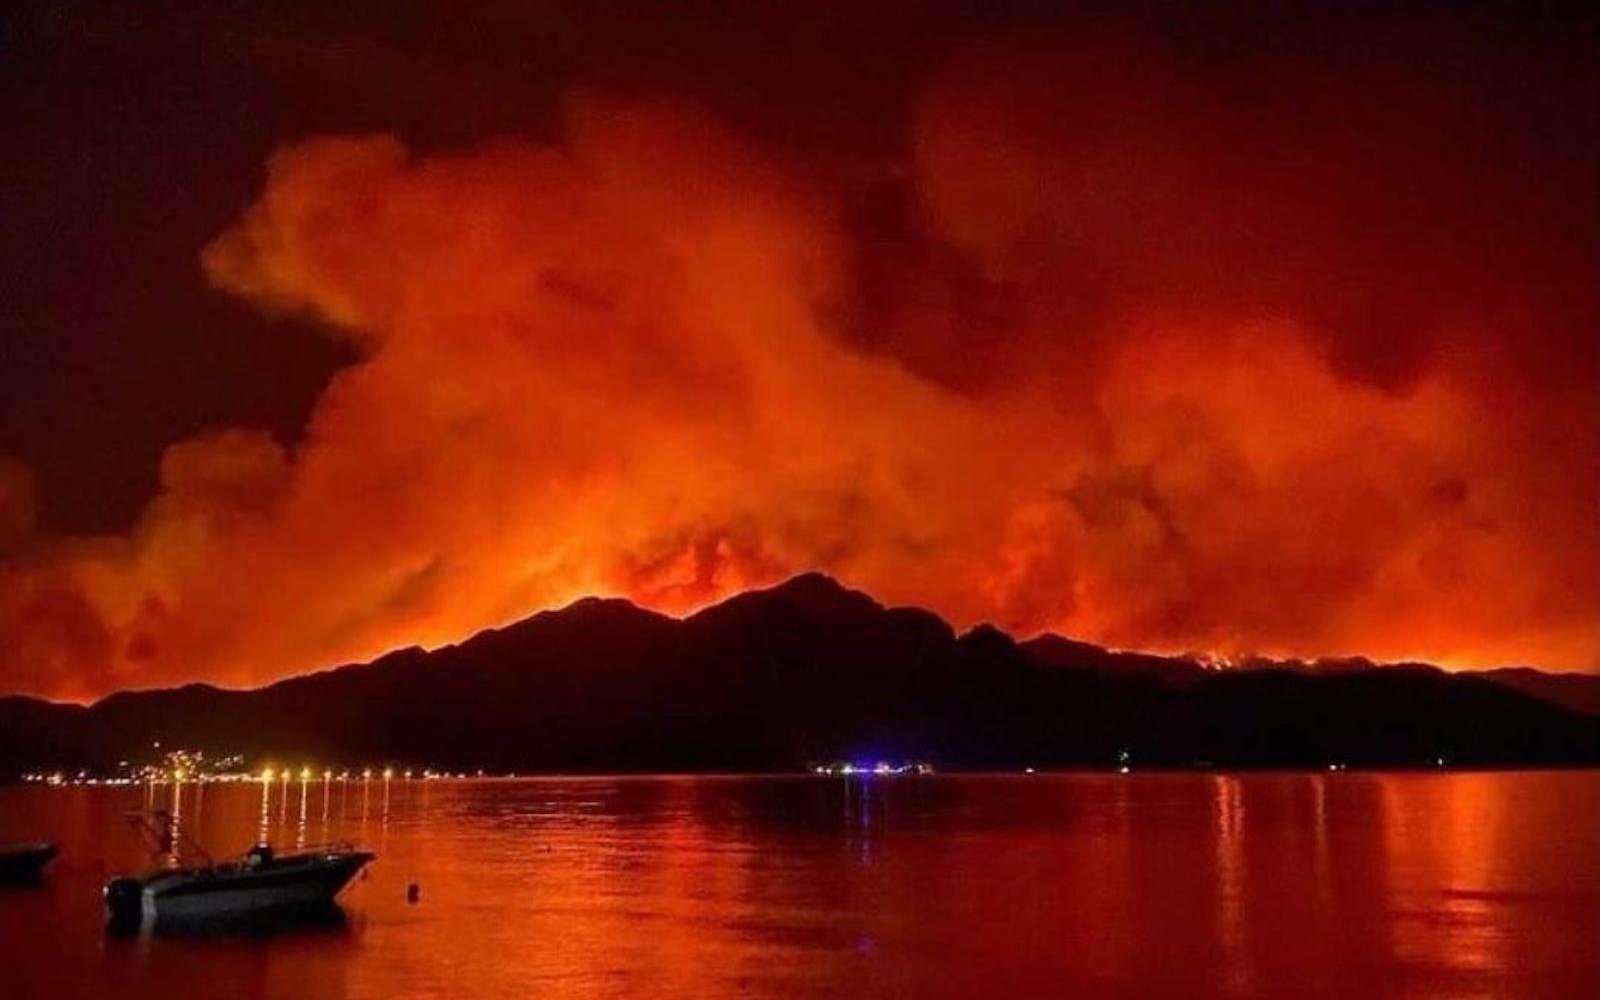 La planète brûle, signe d'une « phase de dérégulation climatique absolue »